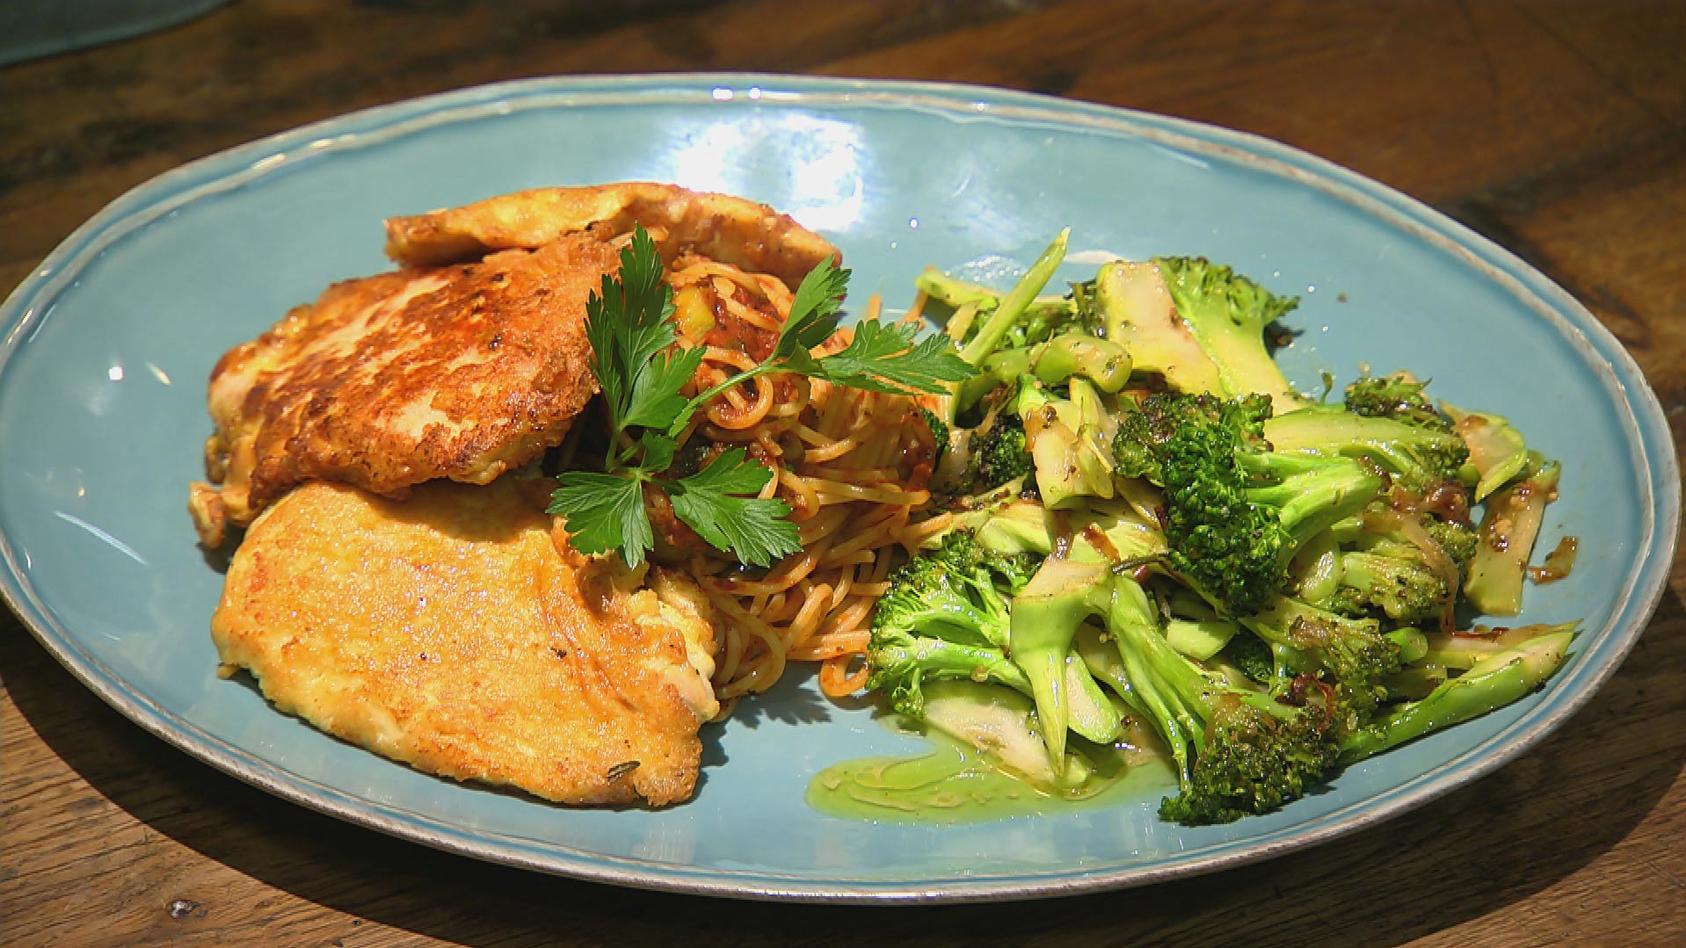 Schnitzel dich glücklich – köstliche Schnitzel-Klassiker: Piccata Milanese mit Nudeln